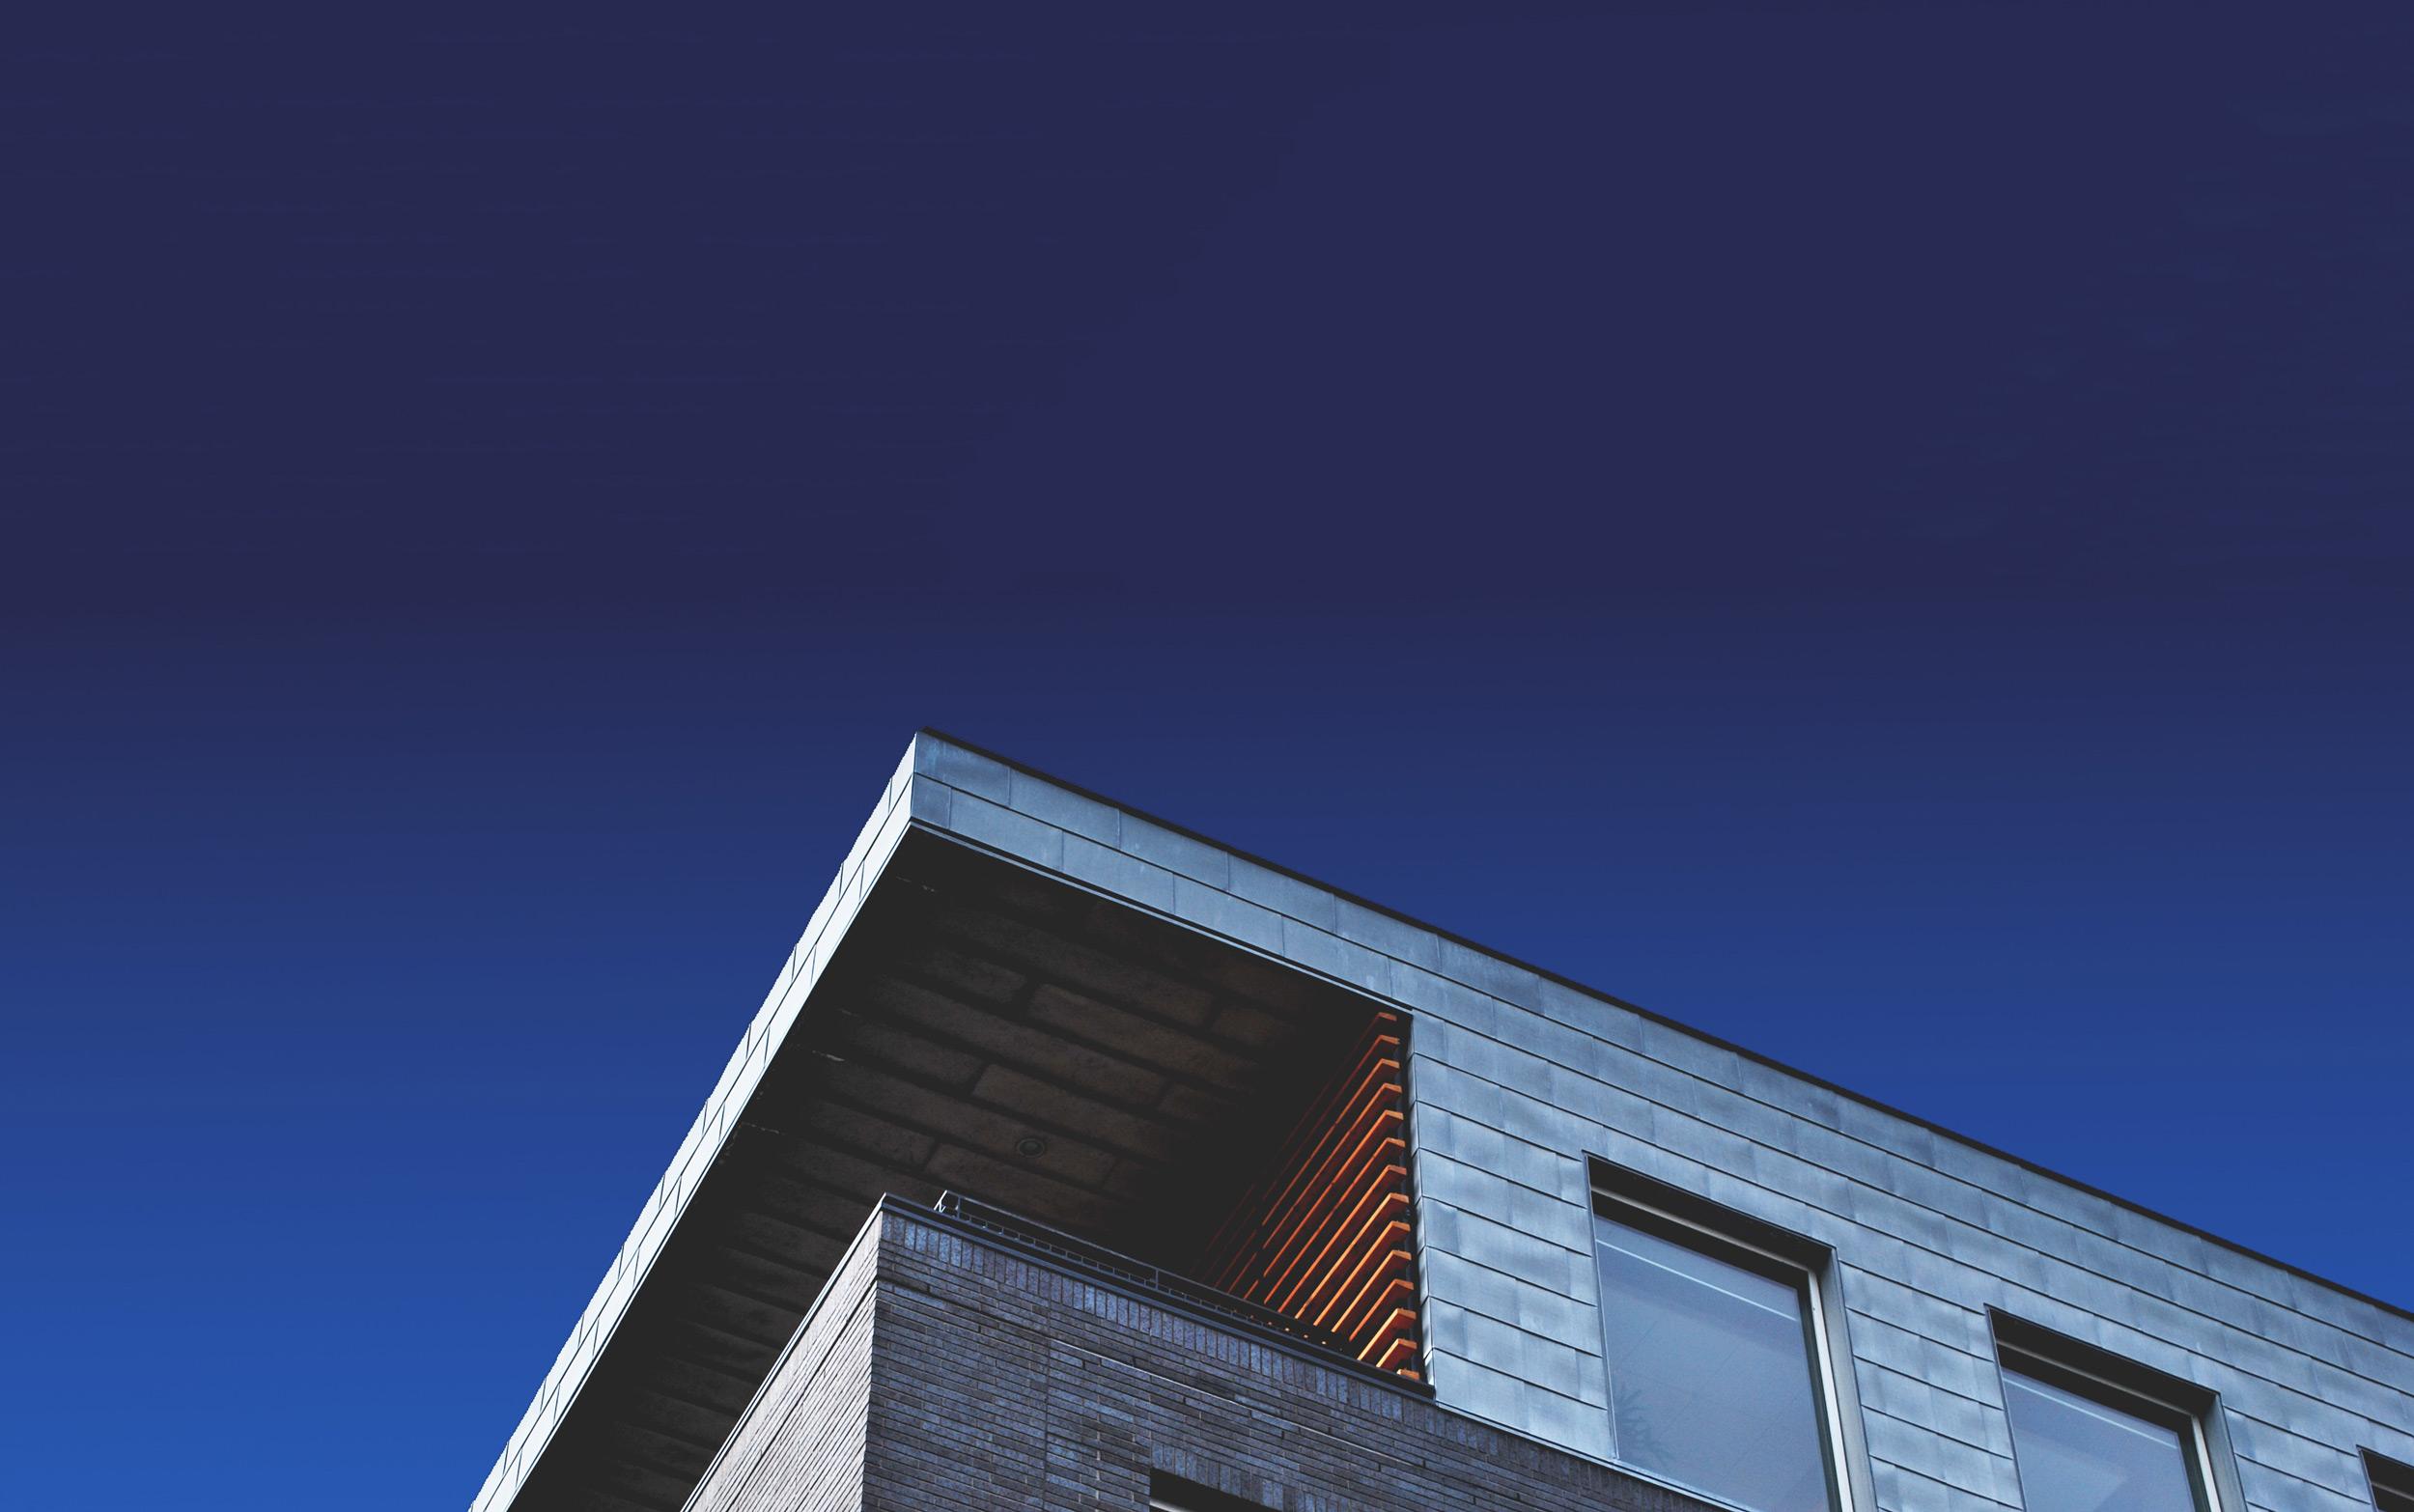 Bewertung Ihrer Immobilie - Beat Ochsner - unabhängig, persönlich, lokal.